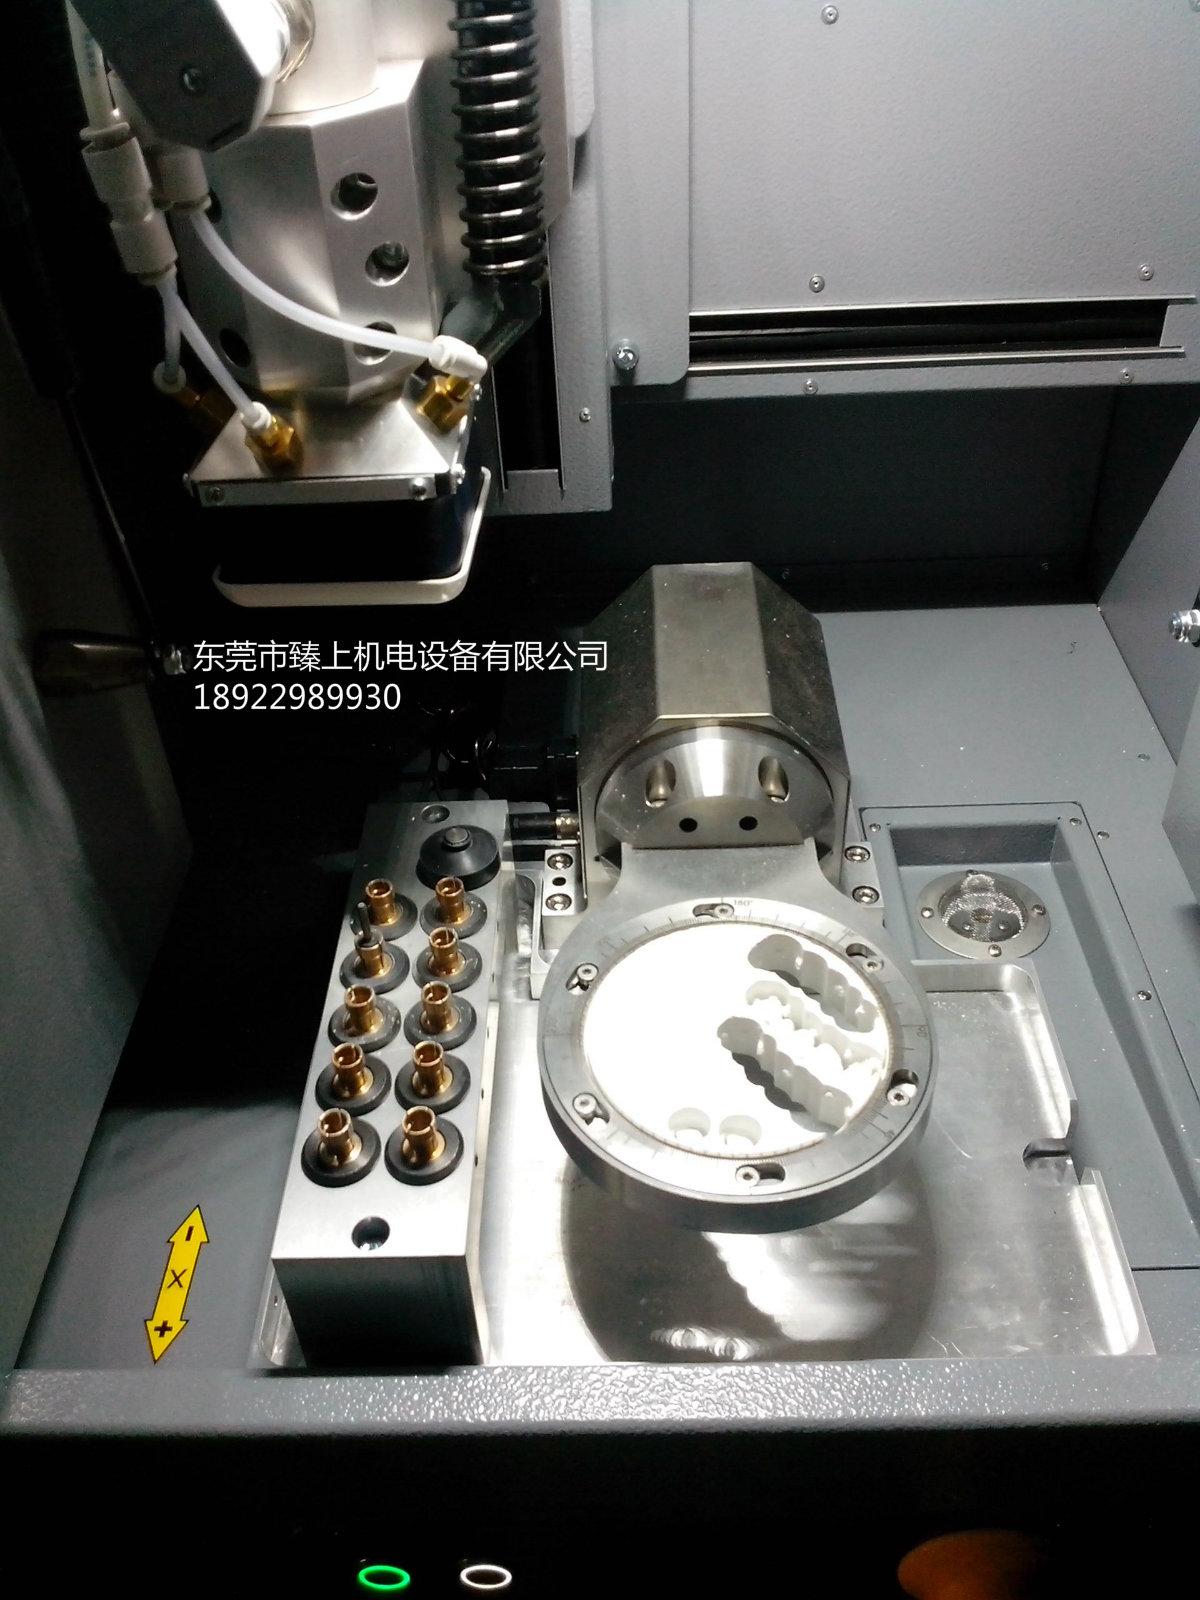 德国jager牙科雕铣机主轴 义齿雕刻加工氧化锆CAD/CAM加工高速电主轴